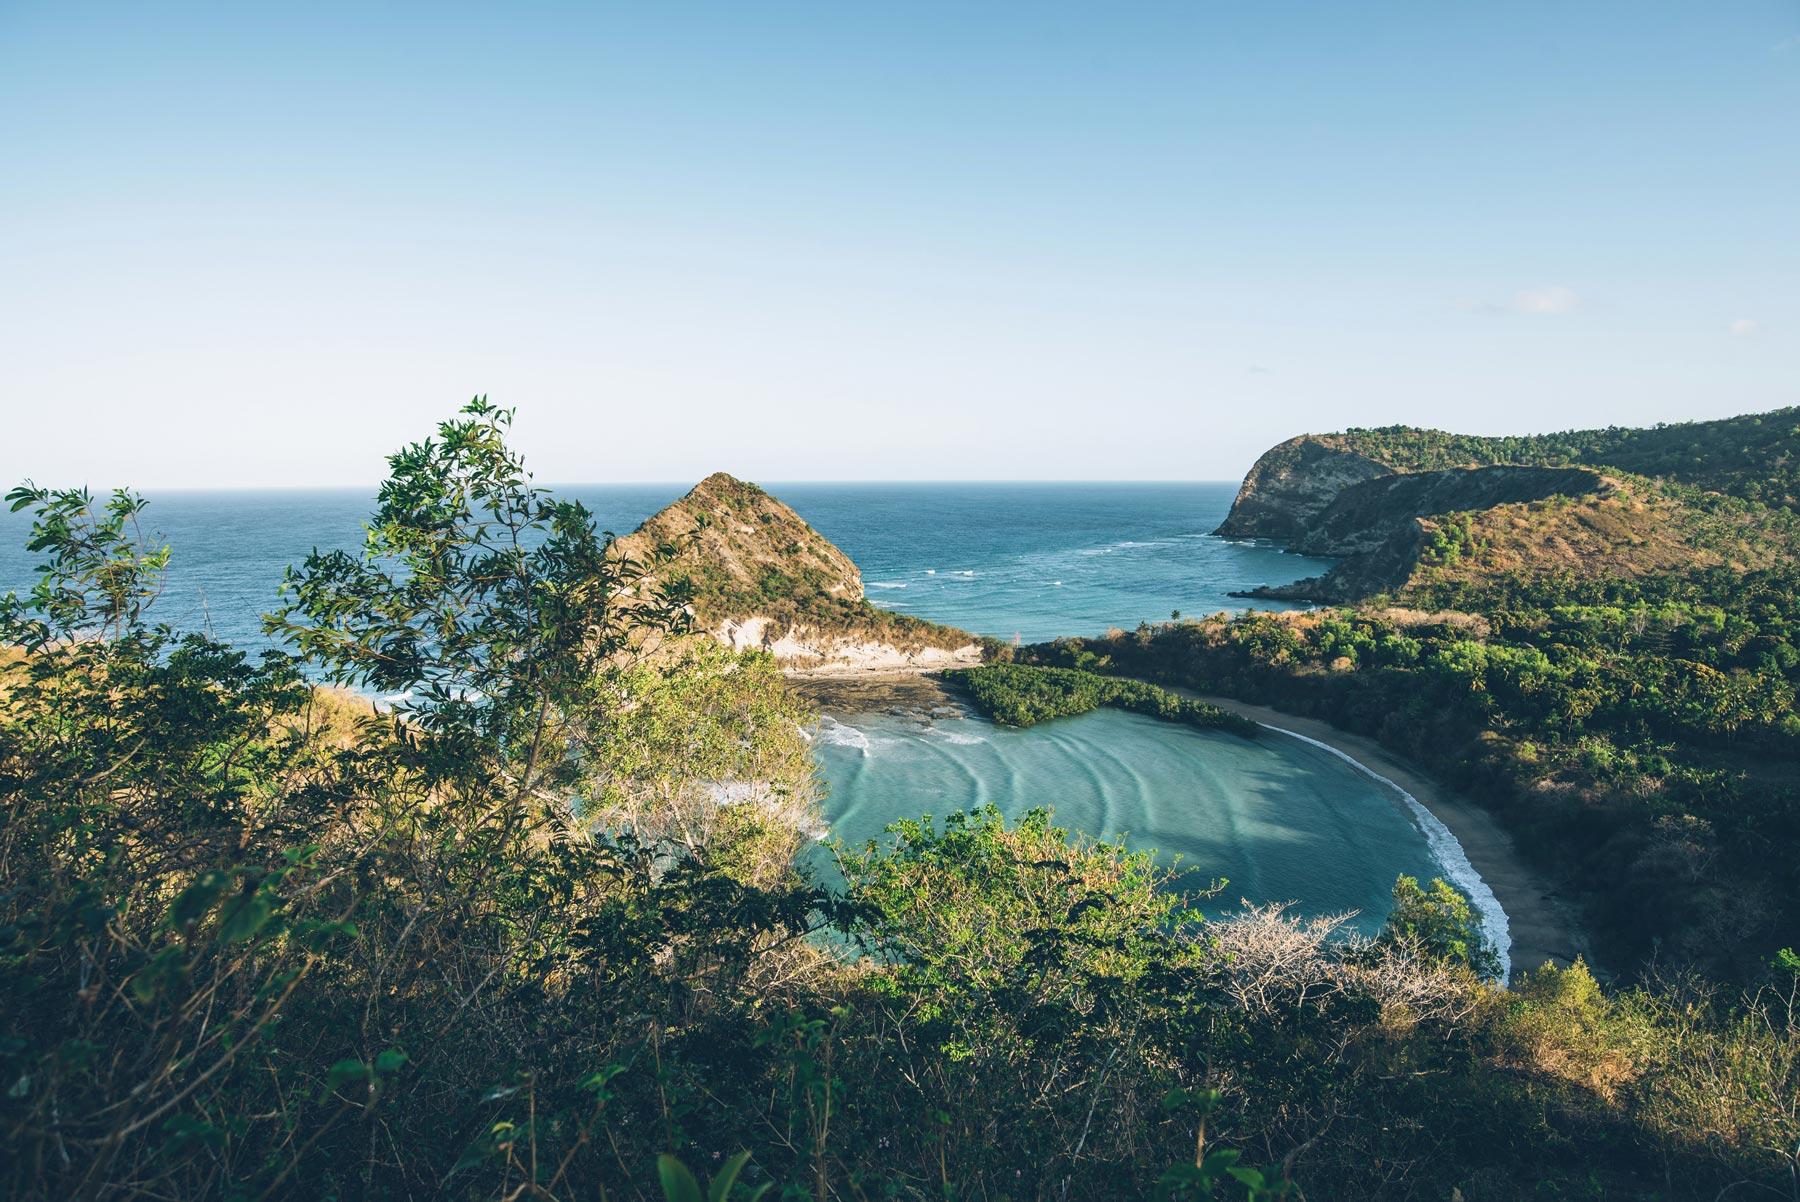 Plage de Moya, Mayotte